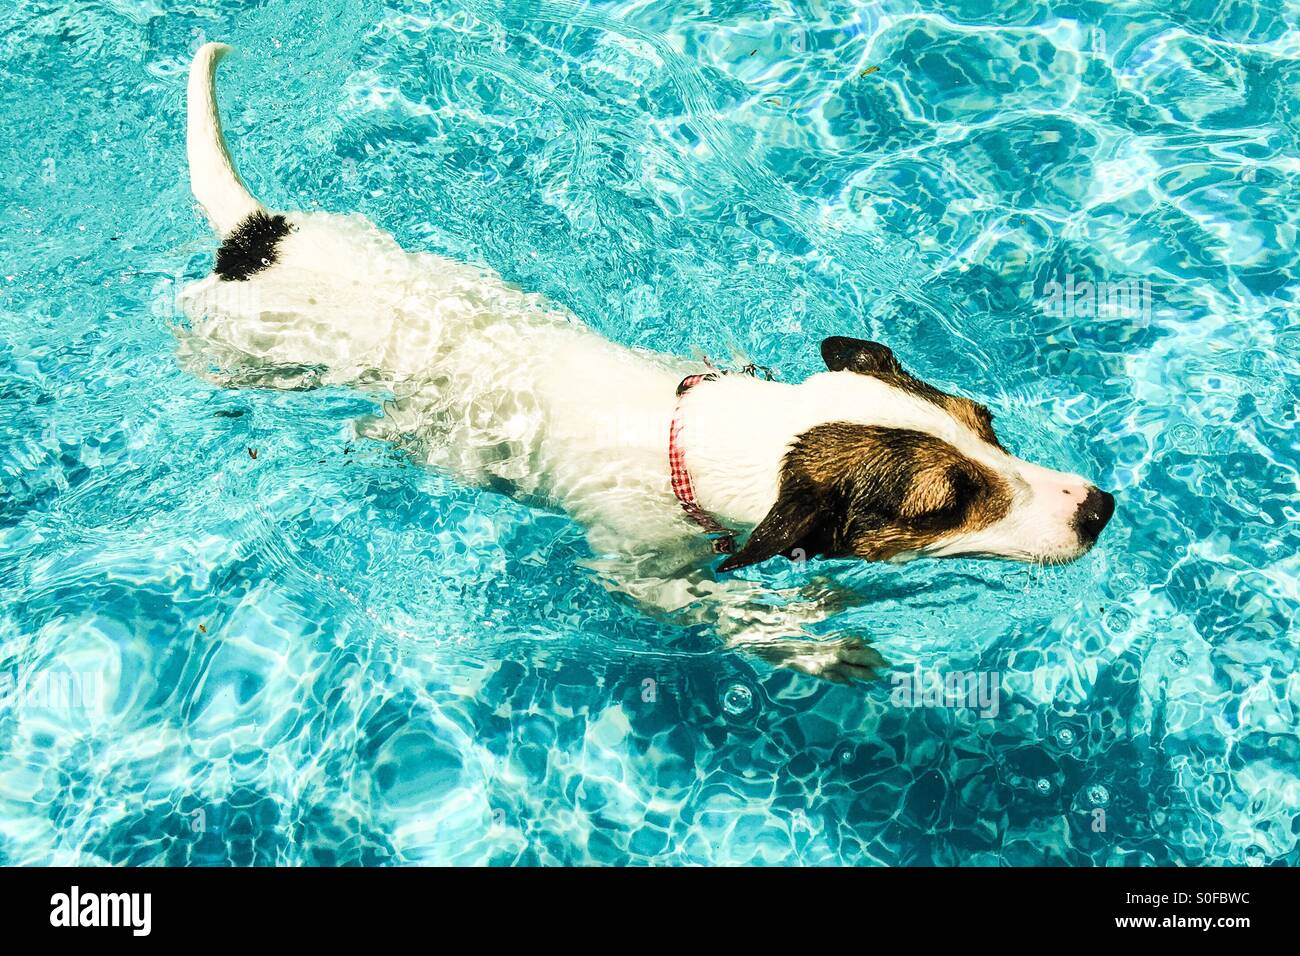 Hund durch Wasser im Außenpool schwimmen; Pastell bearbeiten. Stockbild